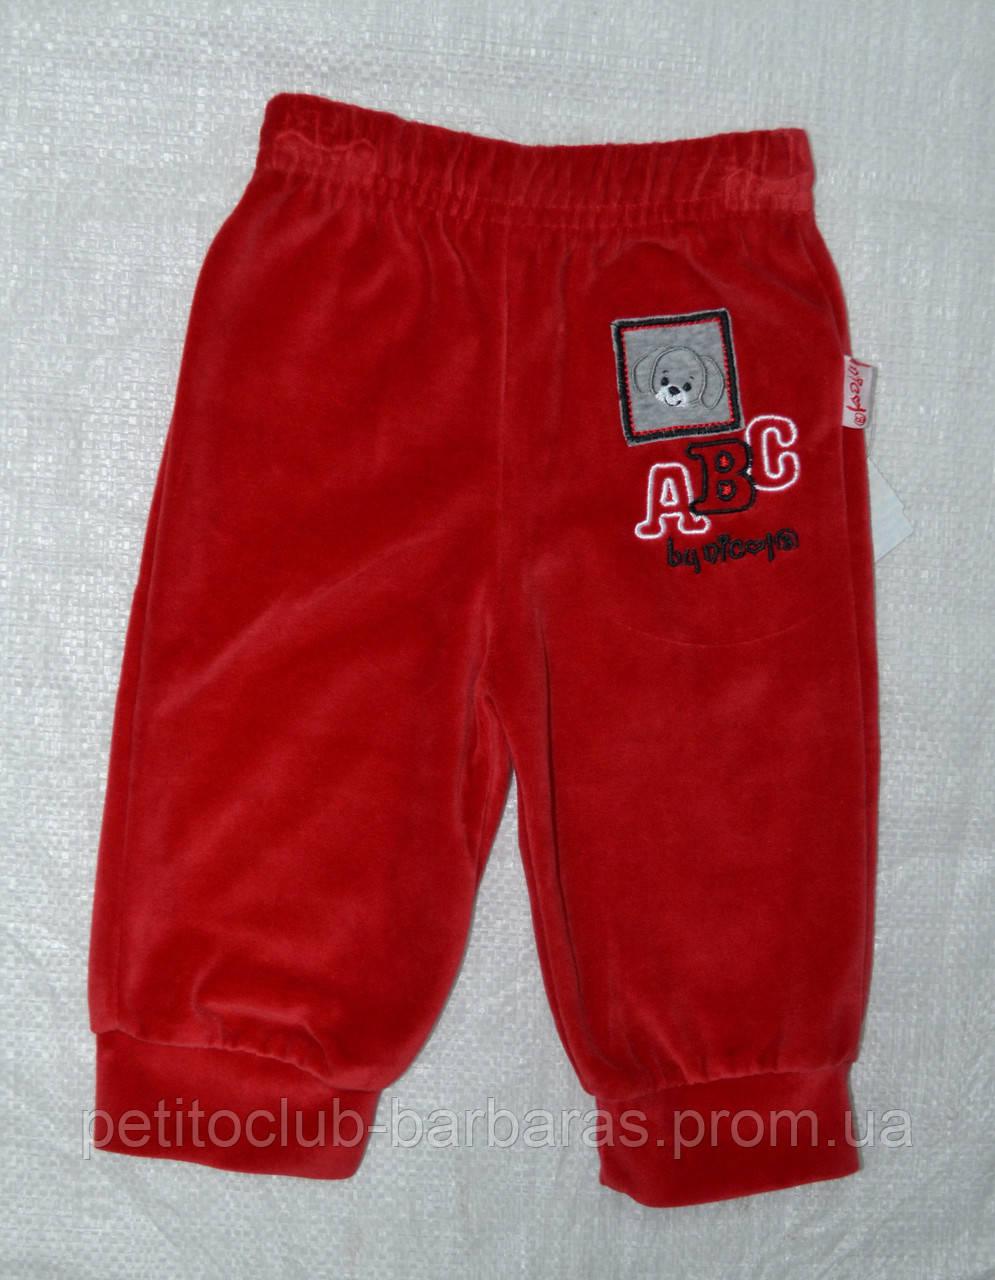 Дитячі велюрові штани АВС червоні для хлопчика р. 68-86 см (Nicol, Польща)